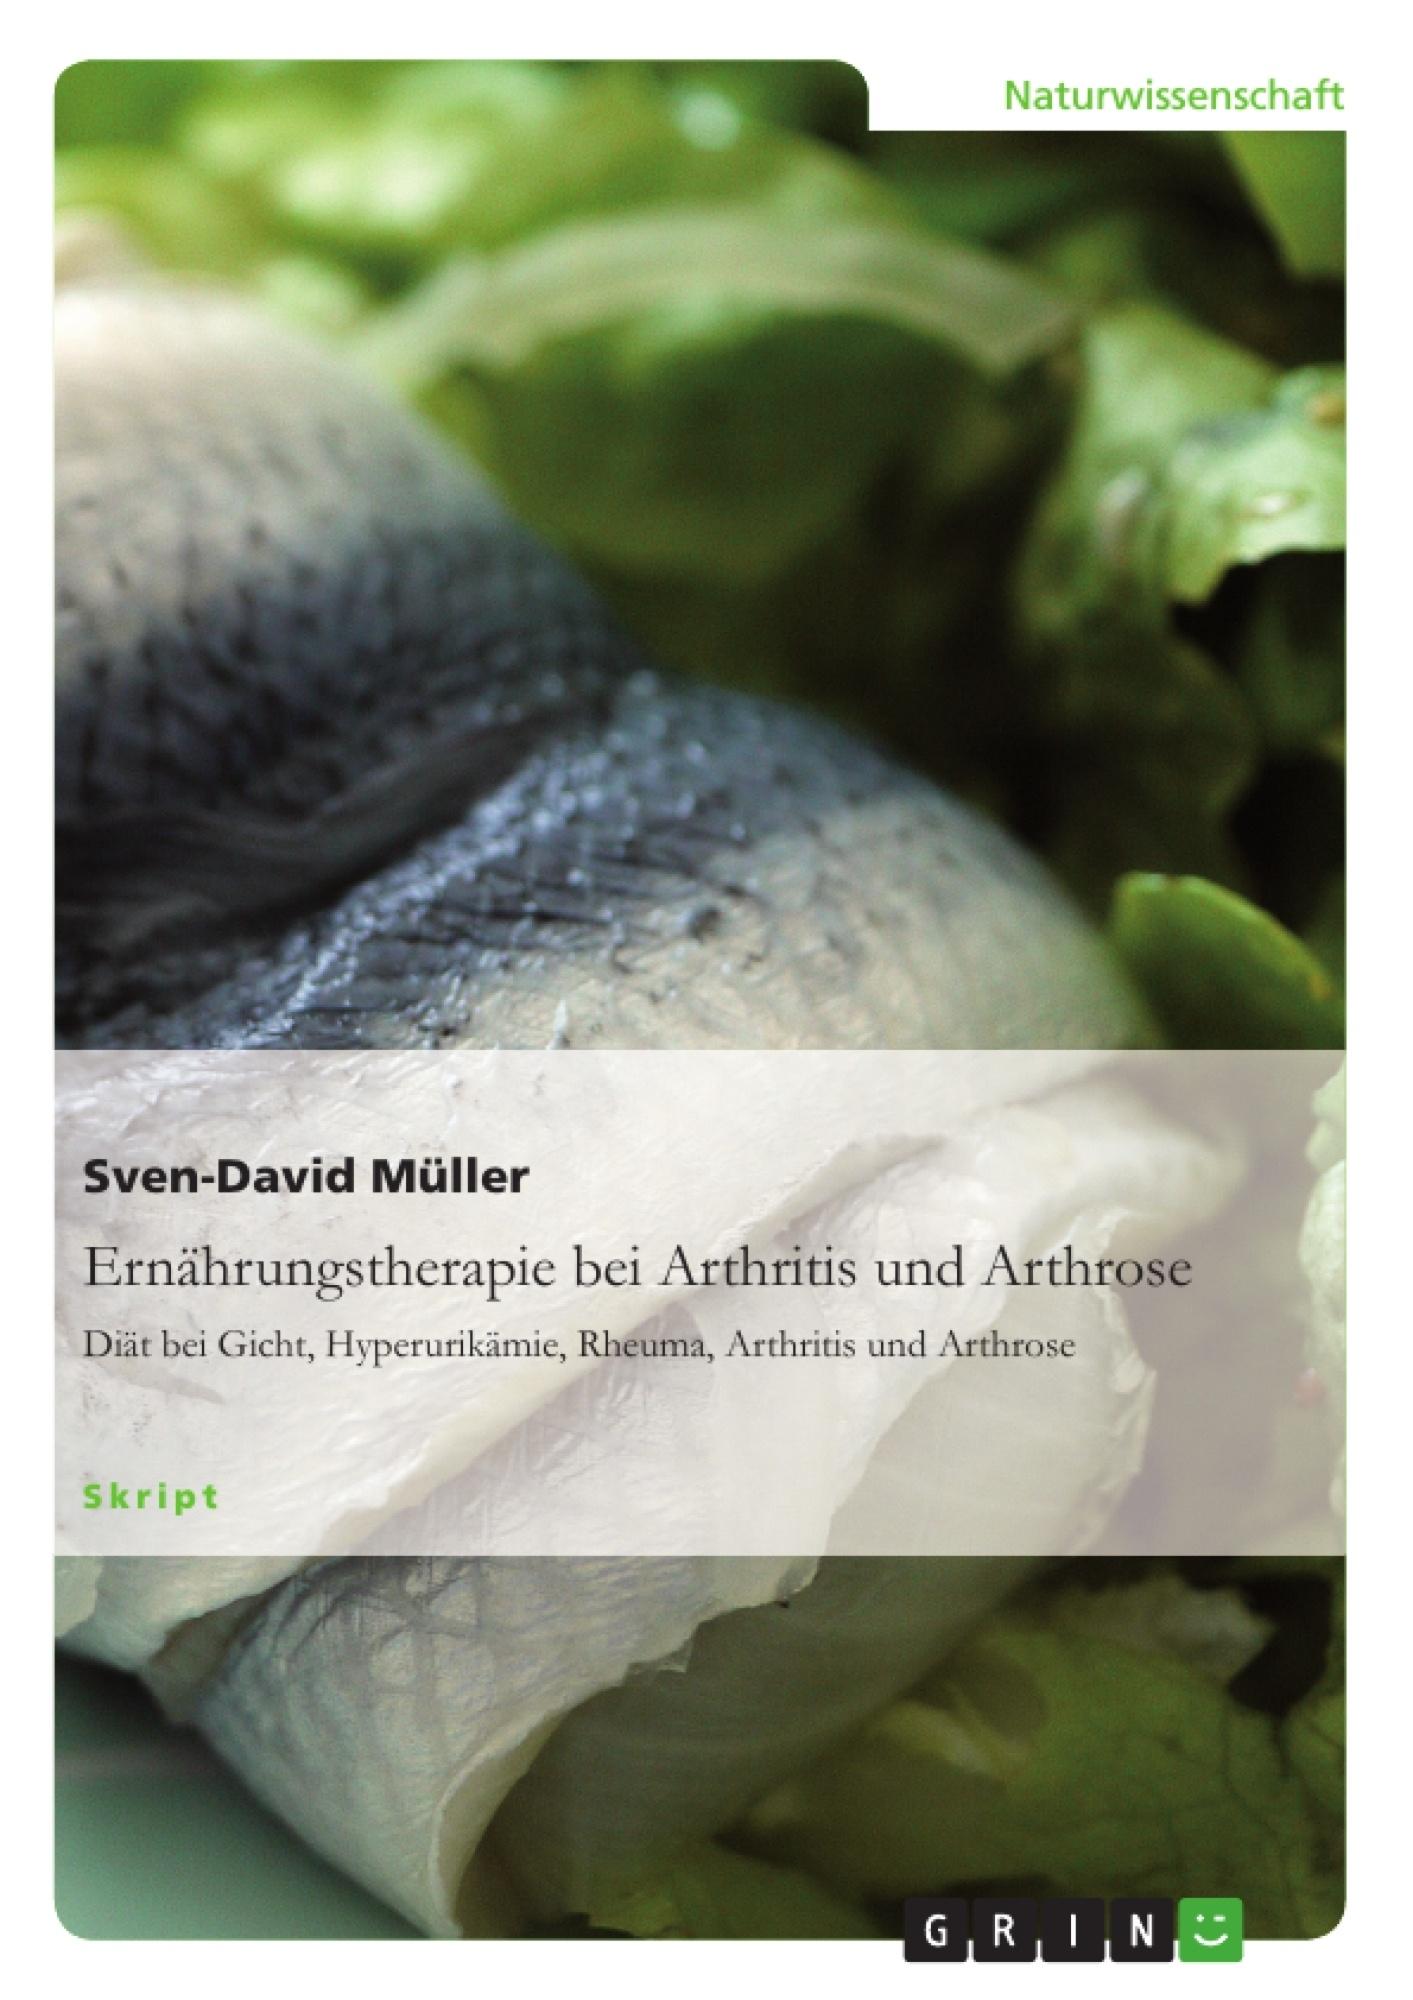 Titel: Ernährungstherapie bei Arthritis und Arthrose